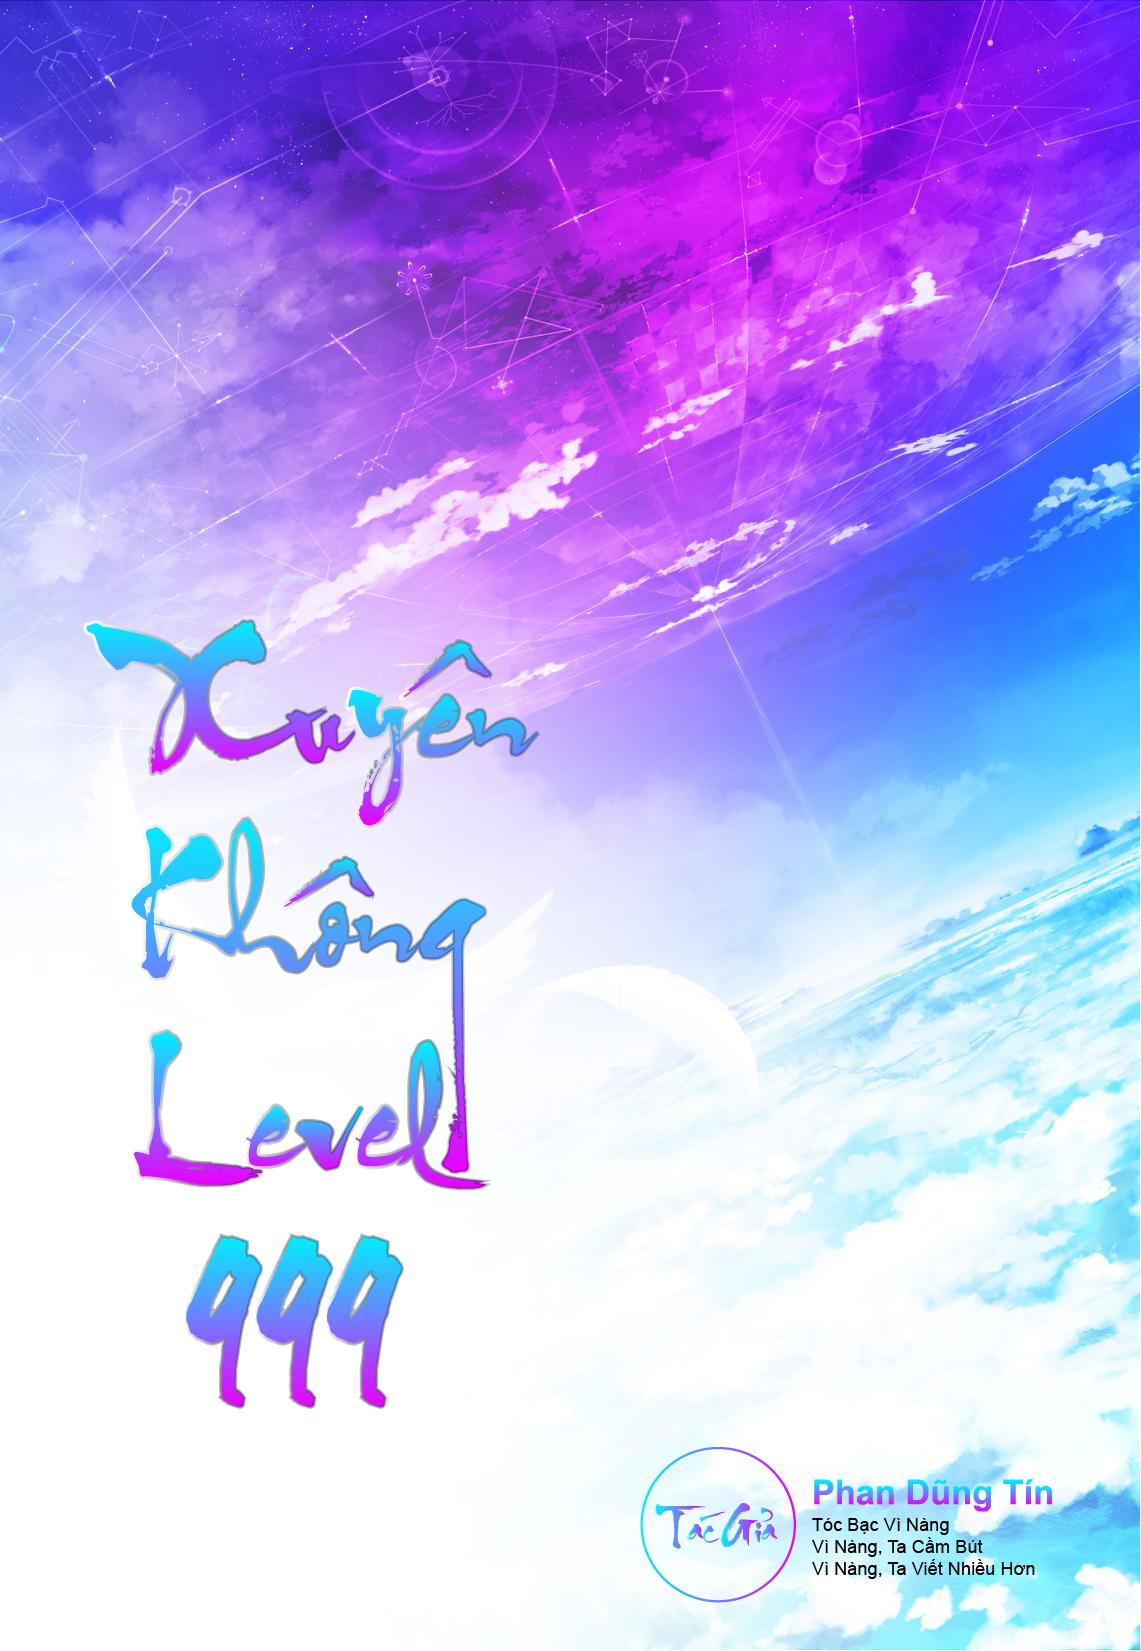 Xuyên Không Level 999